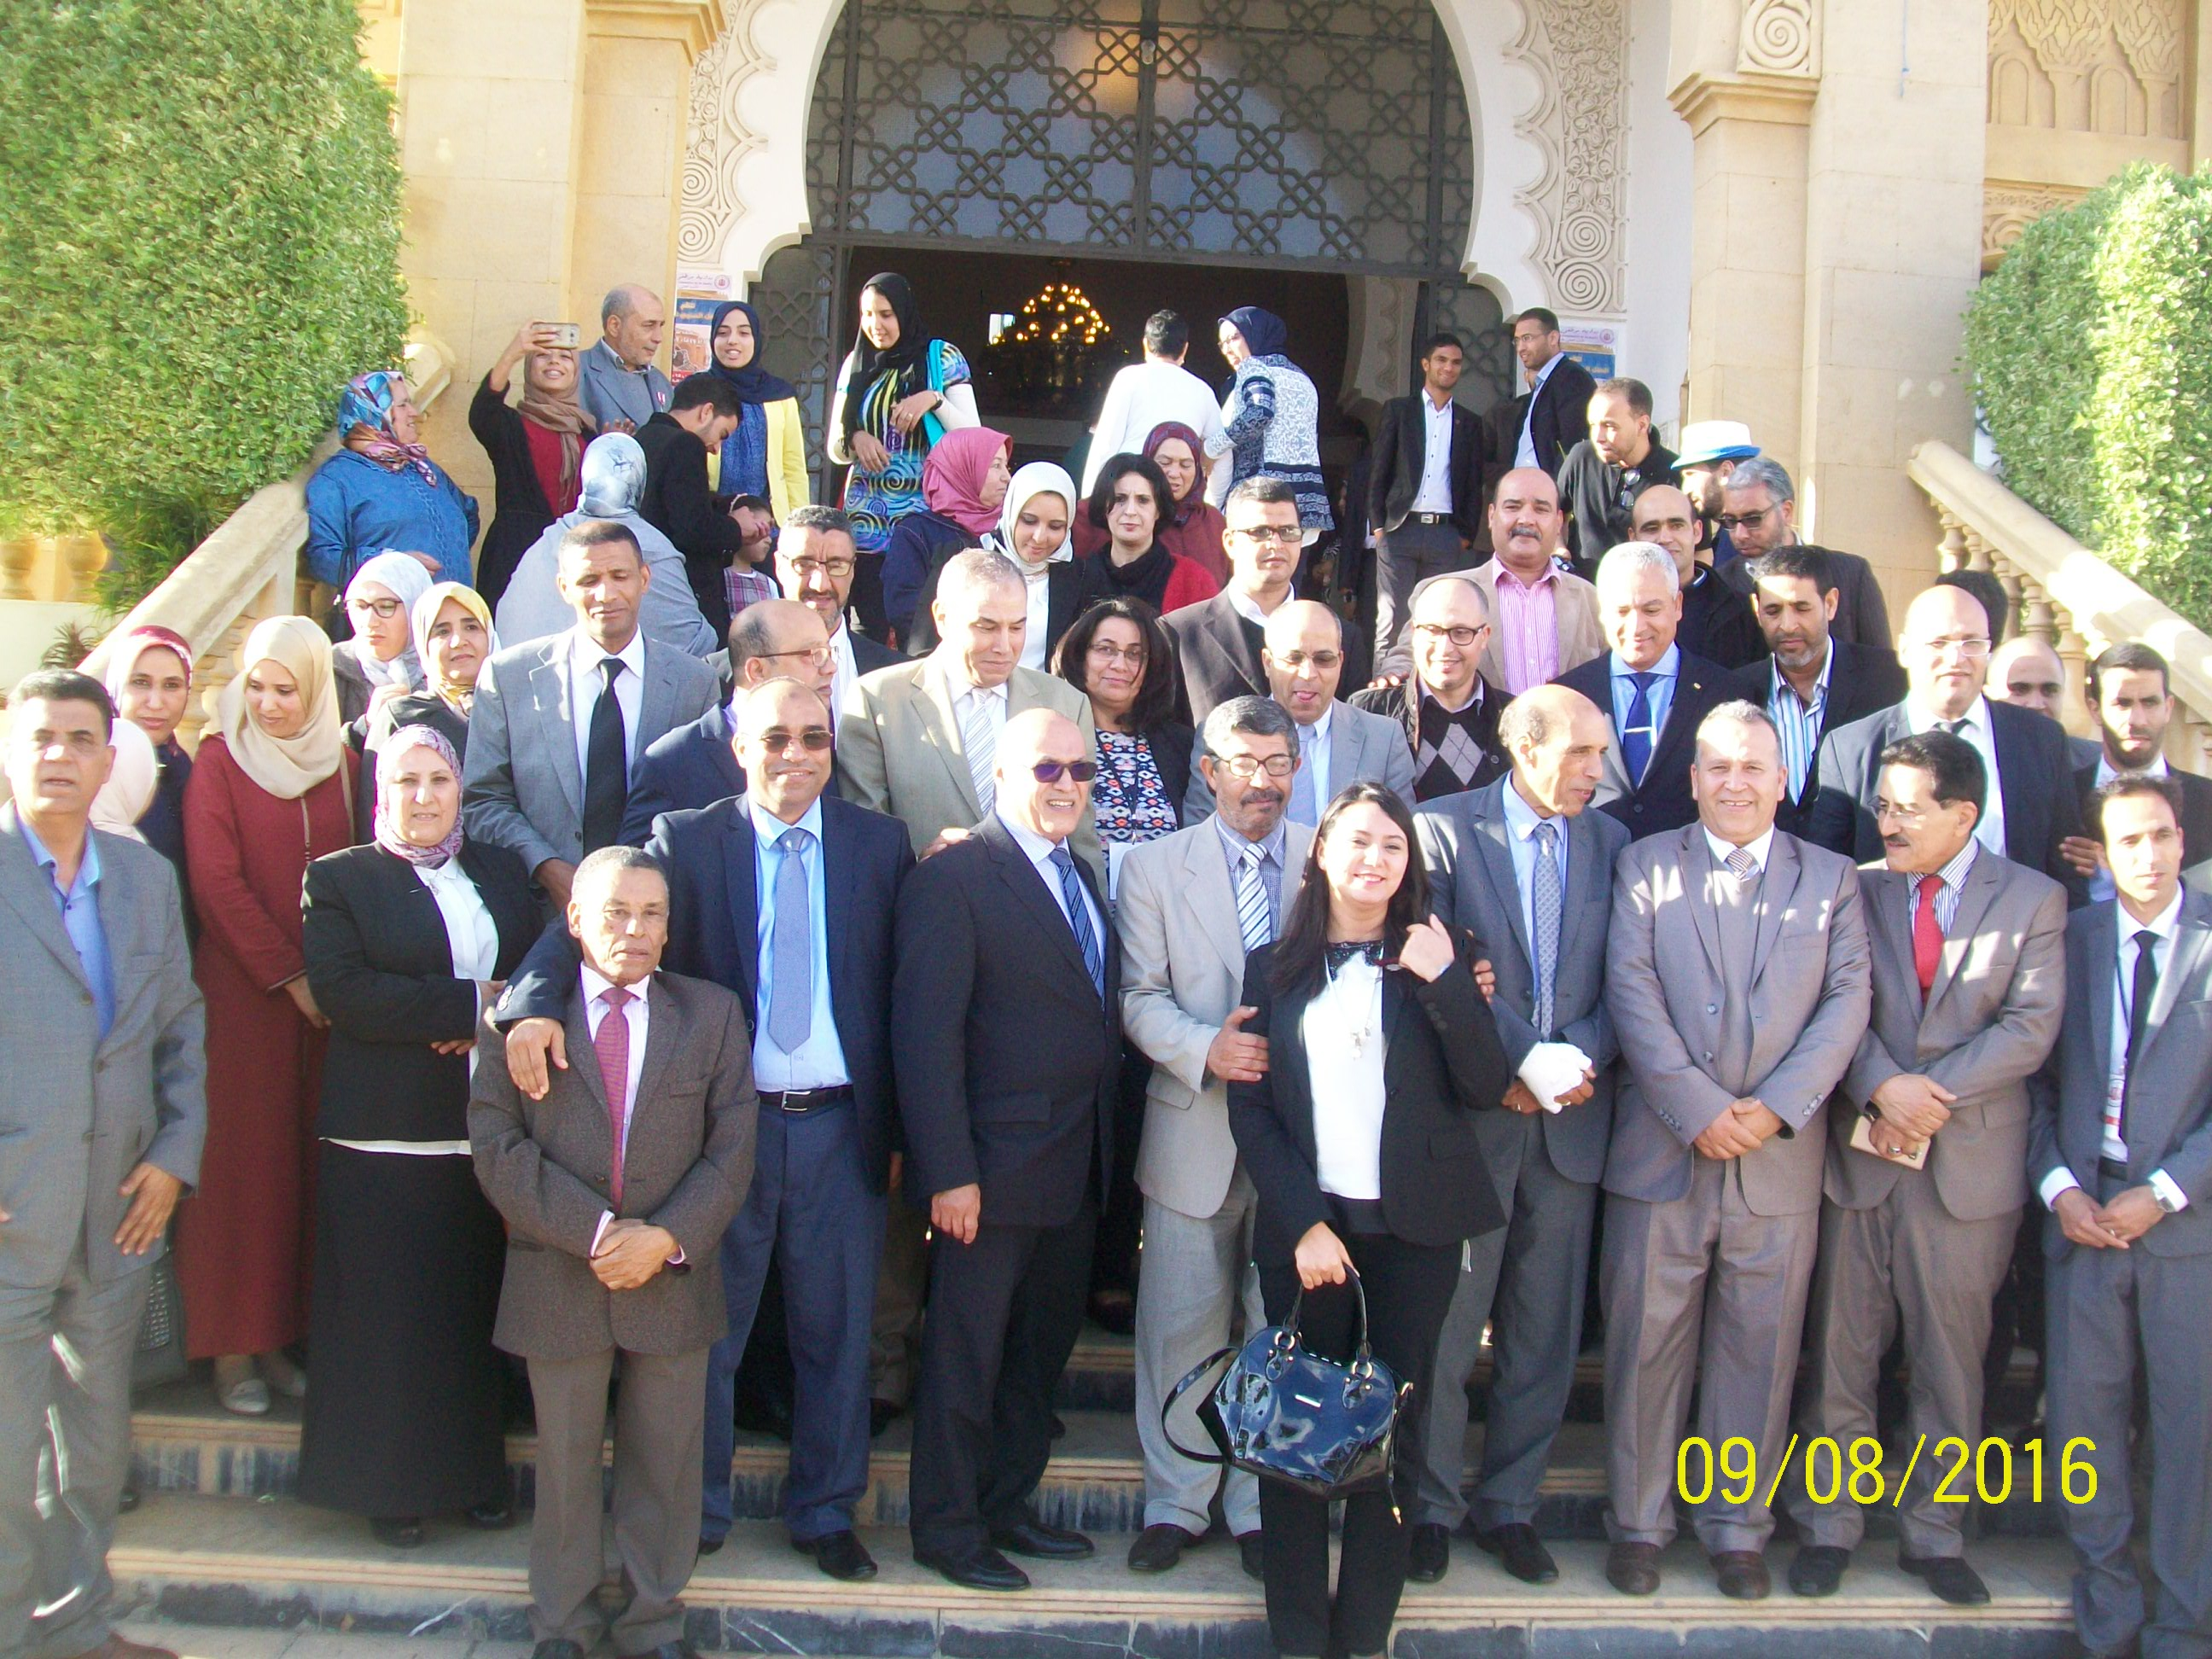 جمعية ودادية موظفي العدل تحيي تقليدا سنويا لتكريم أهل الوفاء